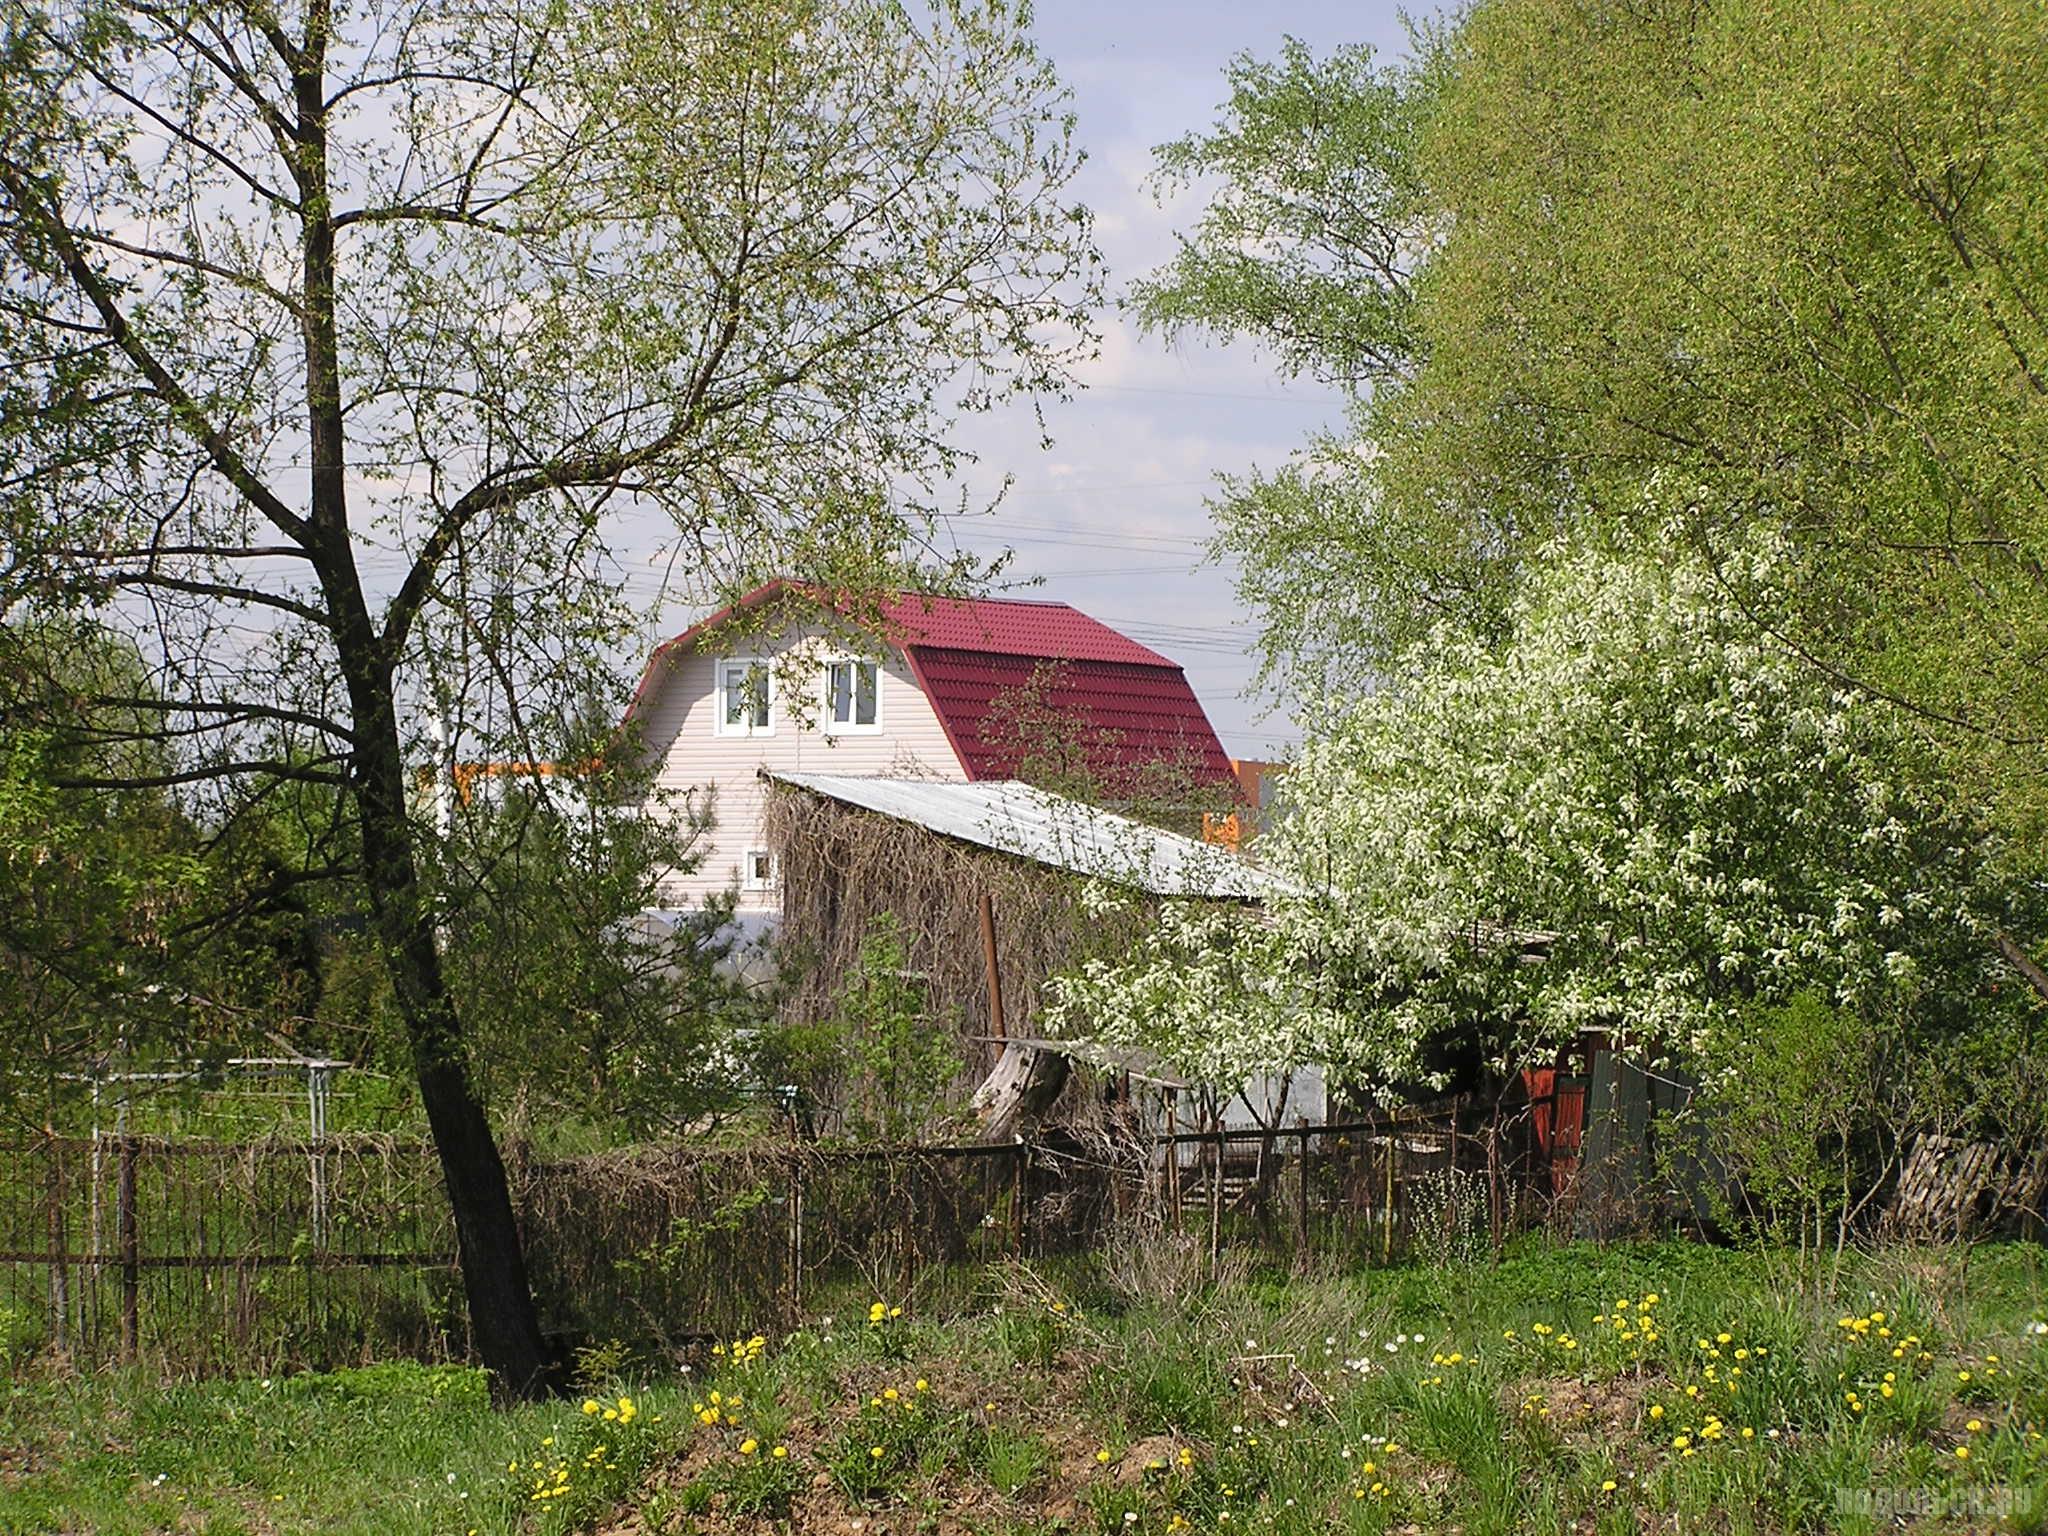 Земельные участки распределят многодетным семьям Подольска 27декабря